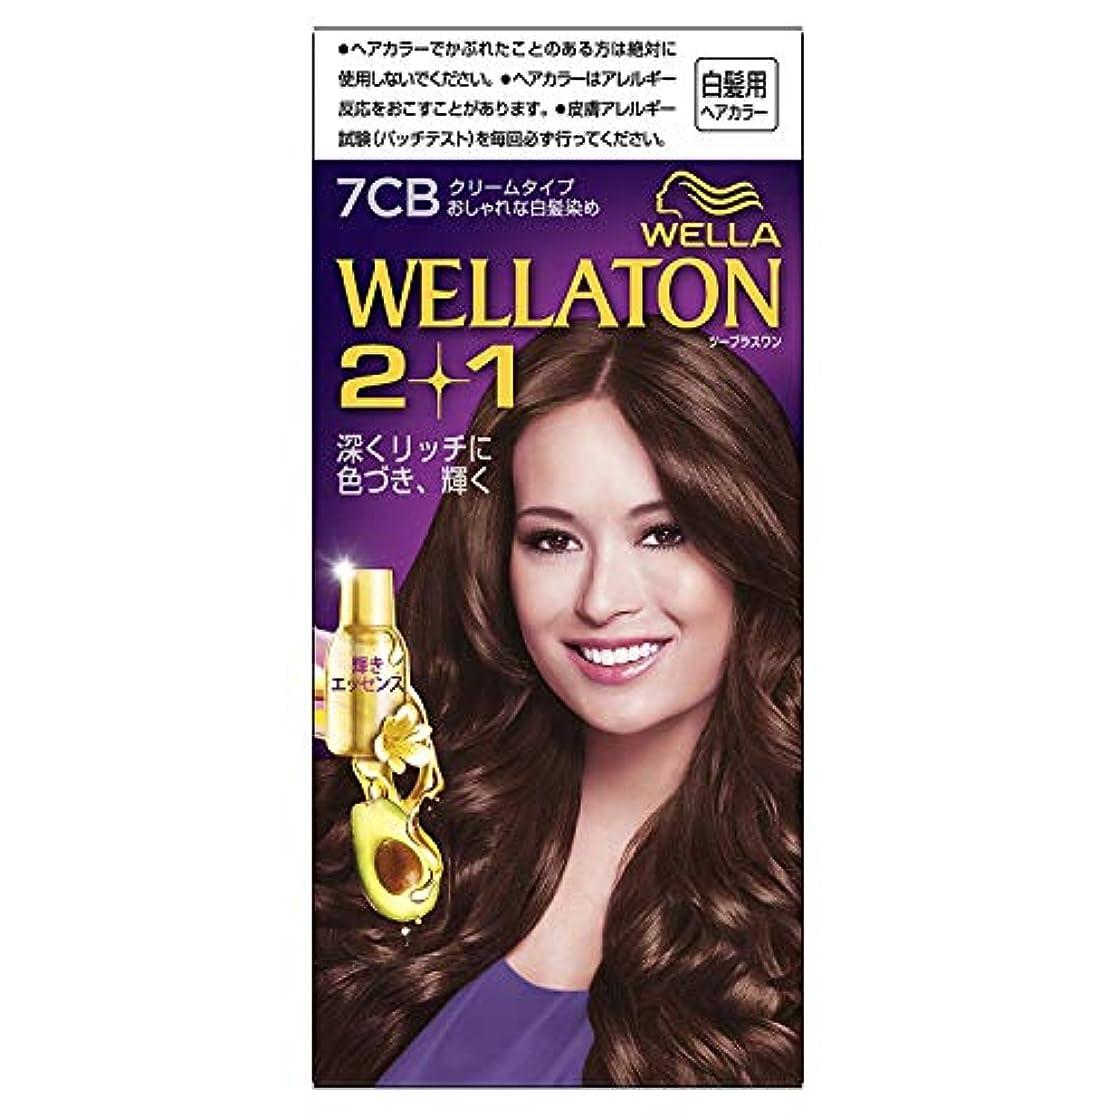 葬儀年根拠ウエラトーン2+1 白髪染め クリームタイプ 7CB [医薬部外品] ×6個